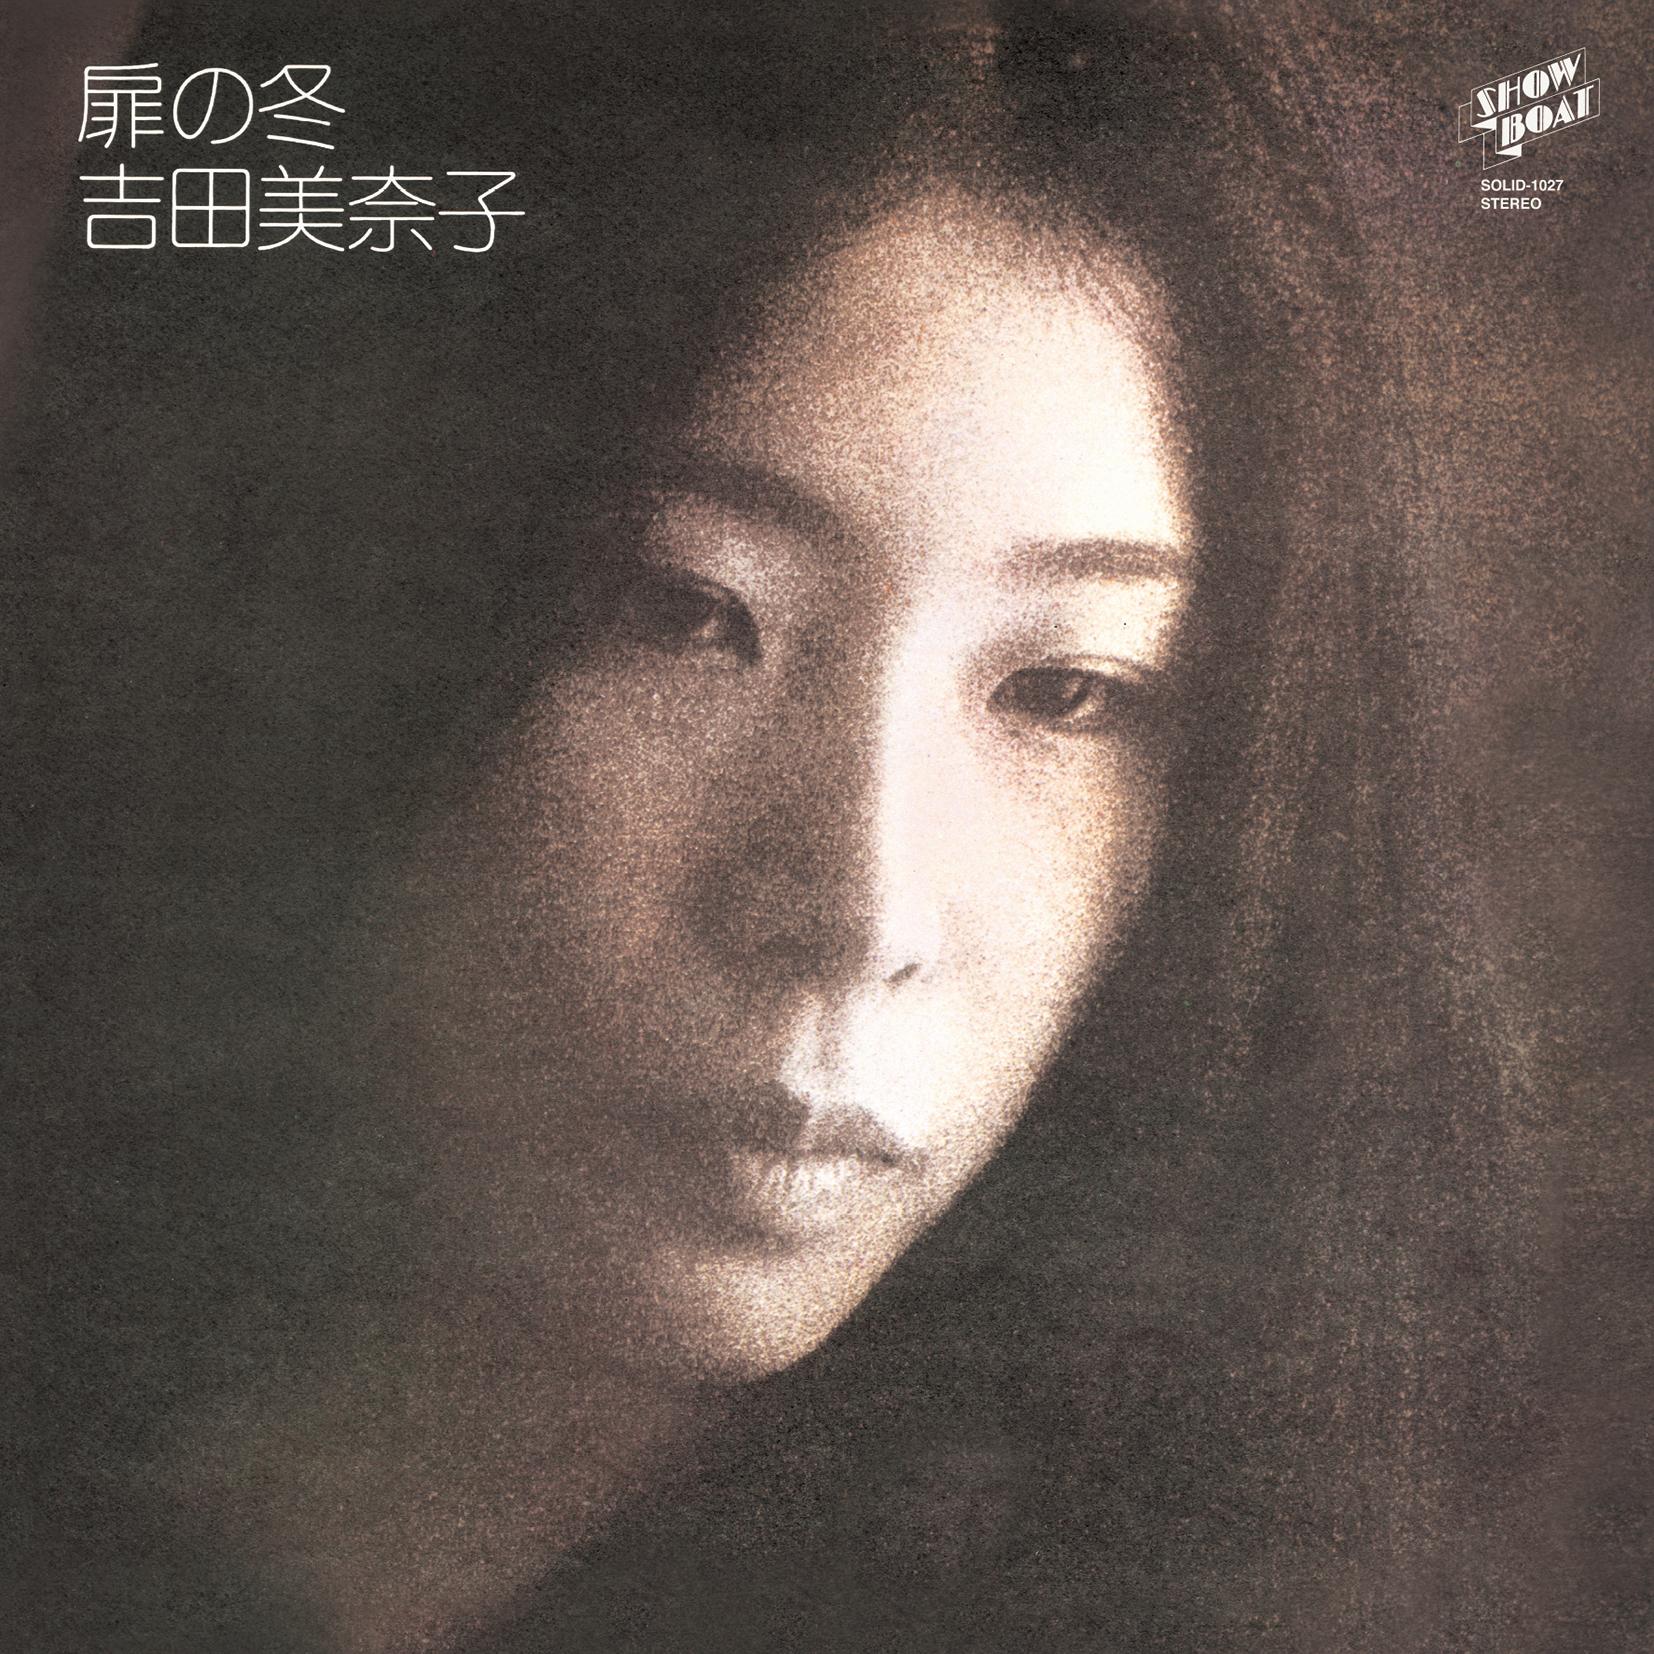 06-085 吉田美奈子 – 扉の冬 BOX (LP + CD + 7INCH + CD SINGLE + POSTER)